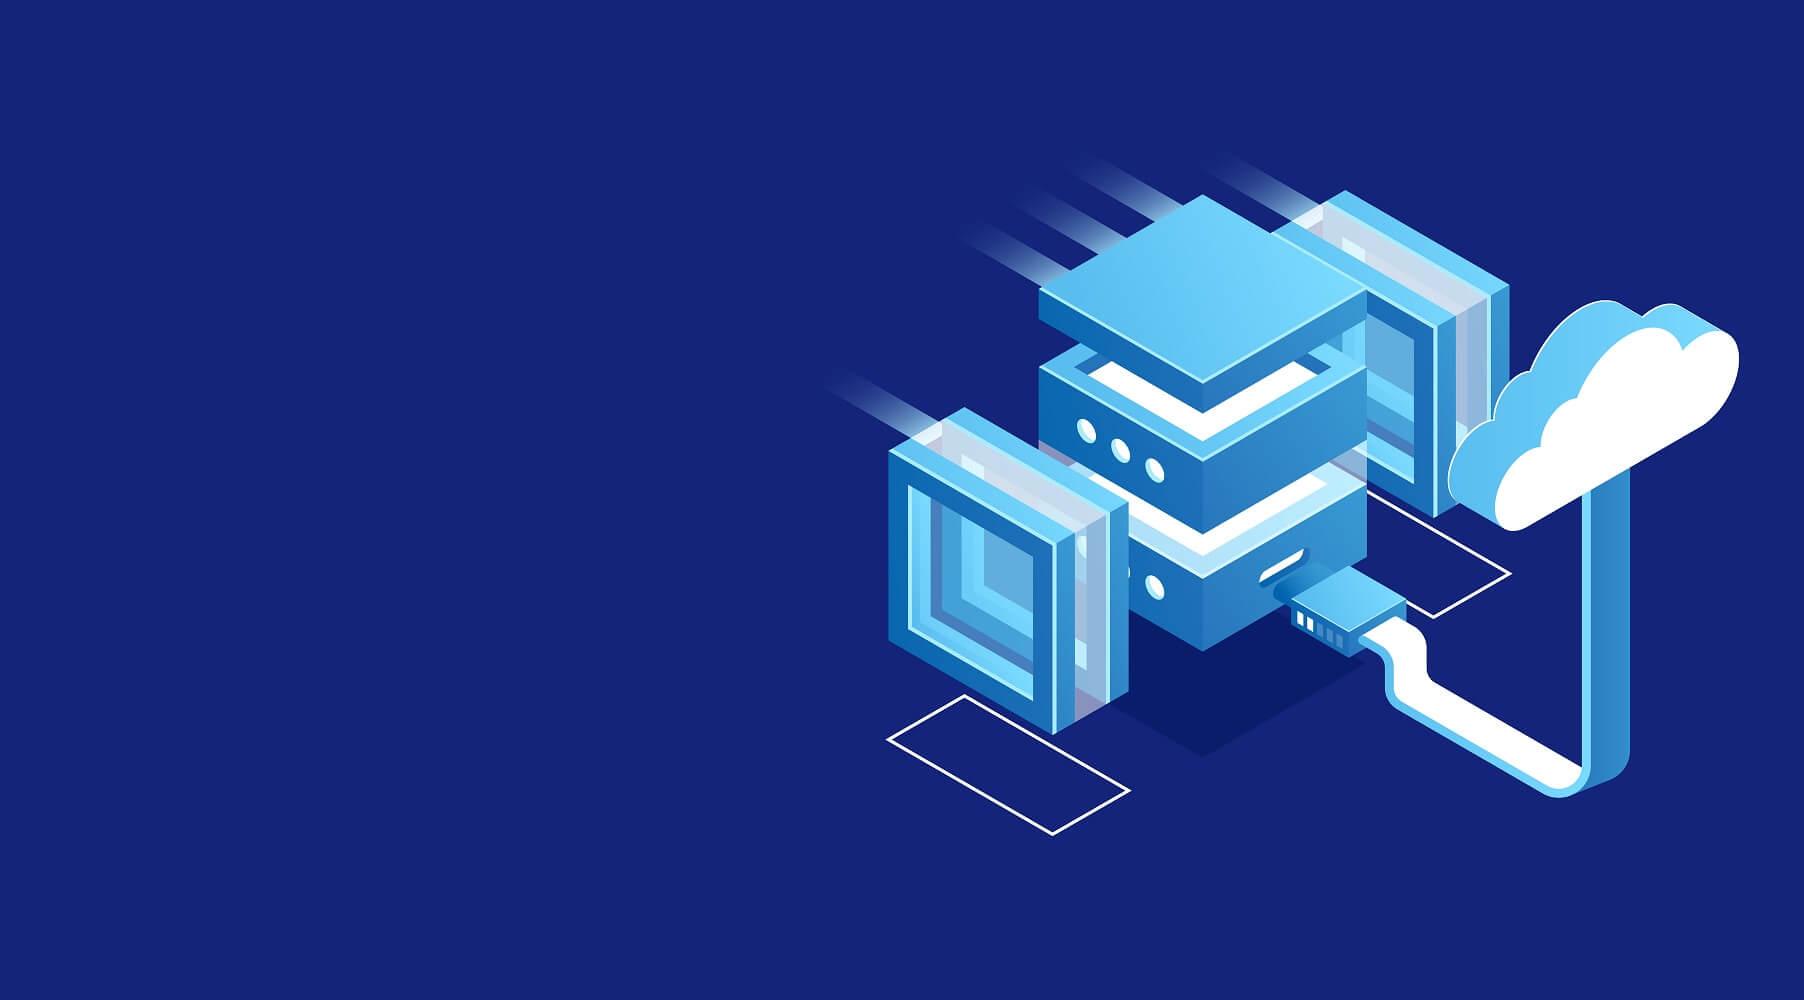 Cloud, Cloud integration, hybrid cloud, business,